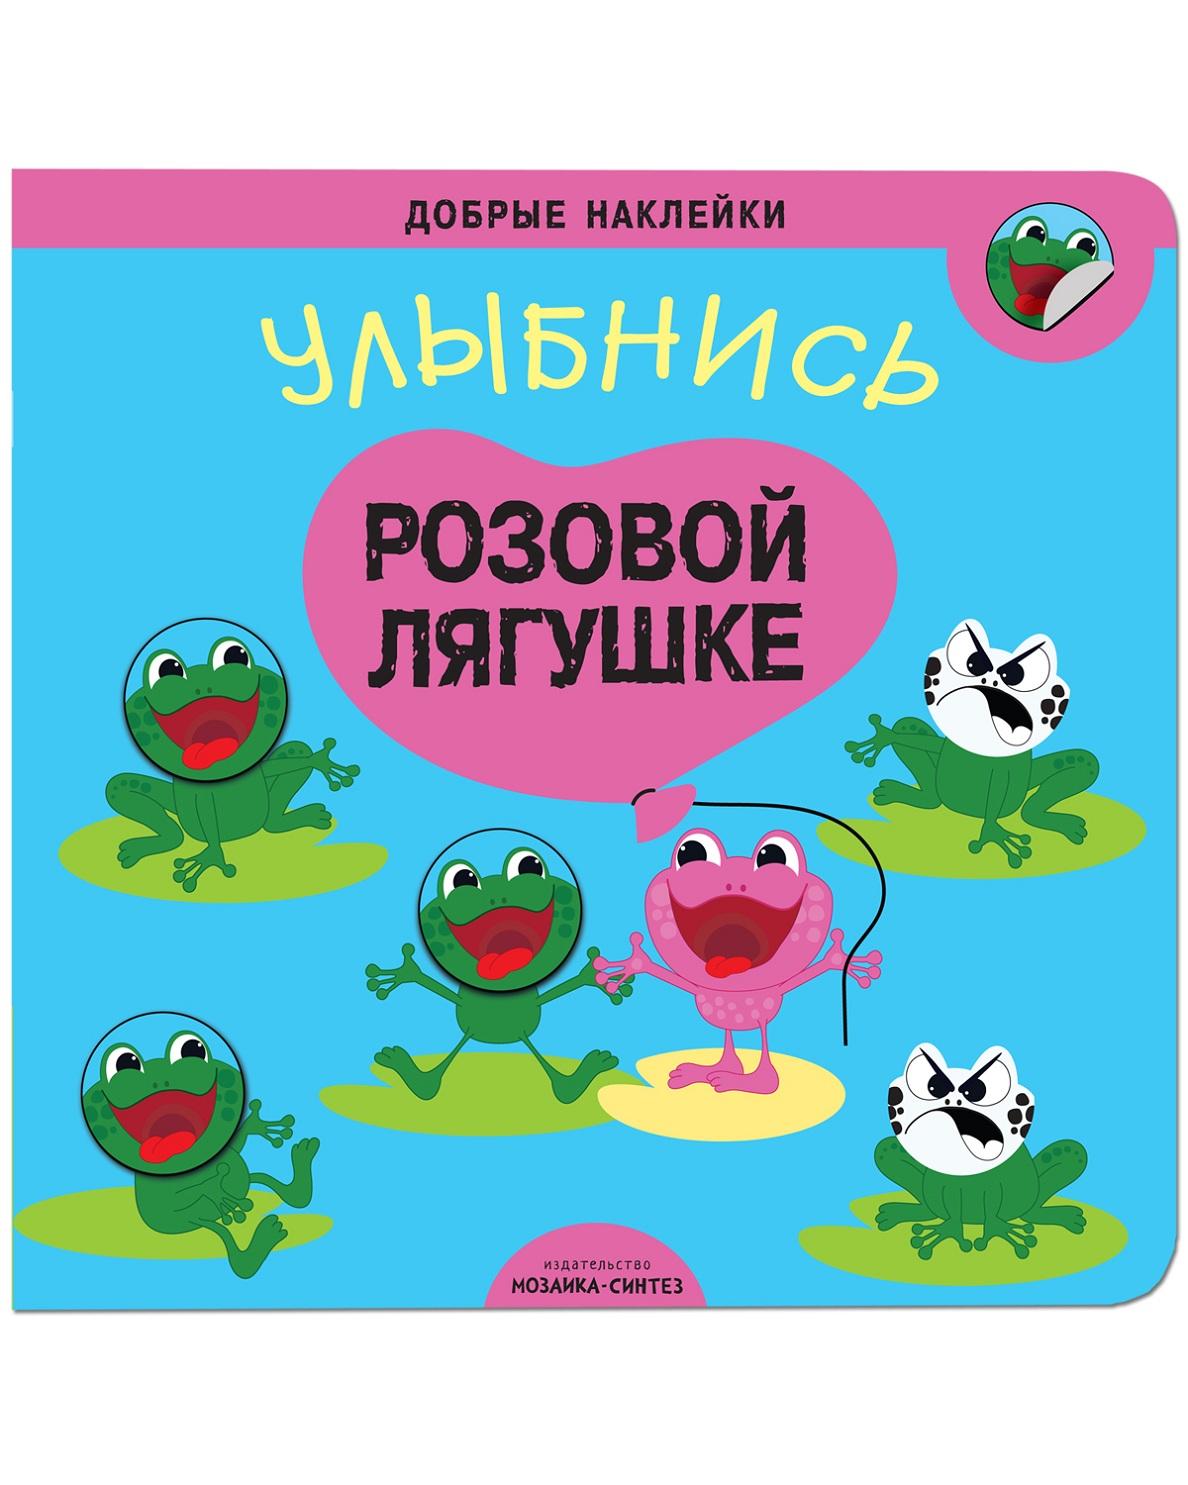 Книжка развивающая - Добрые наклейки - Улыбнись розовой лягушкеЗадания, головоломки, книги с наклейками<br>Книжка развивающая - Добрые наклейки - Улыбнись розовой лягушке<br>